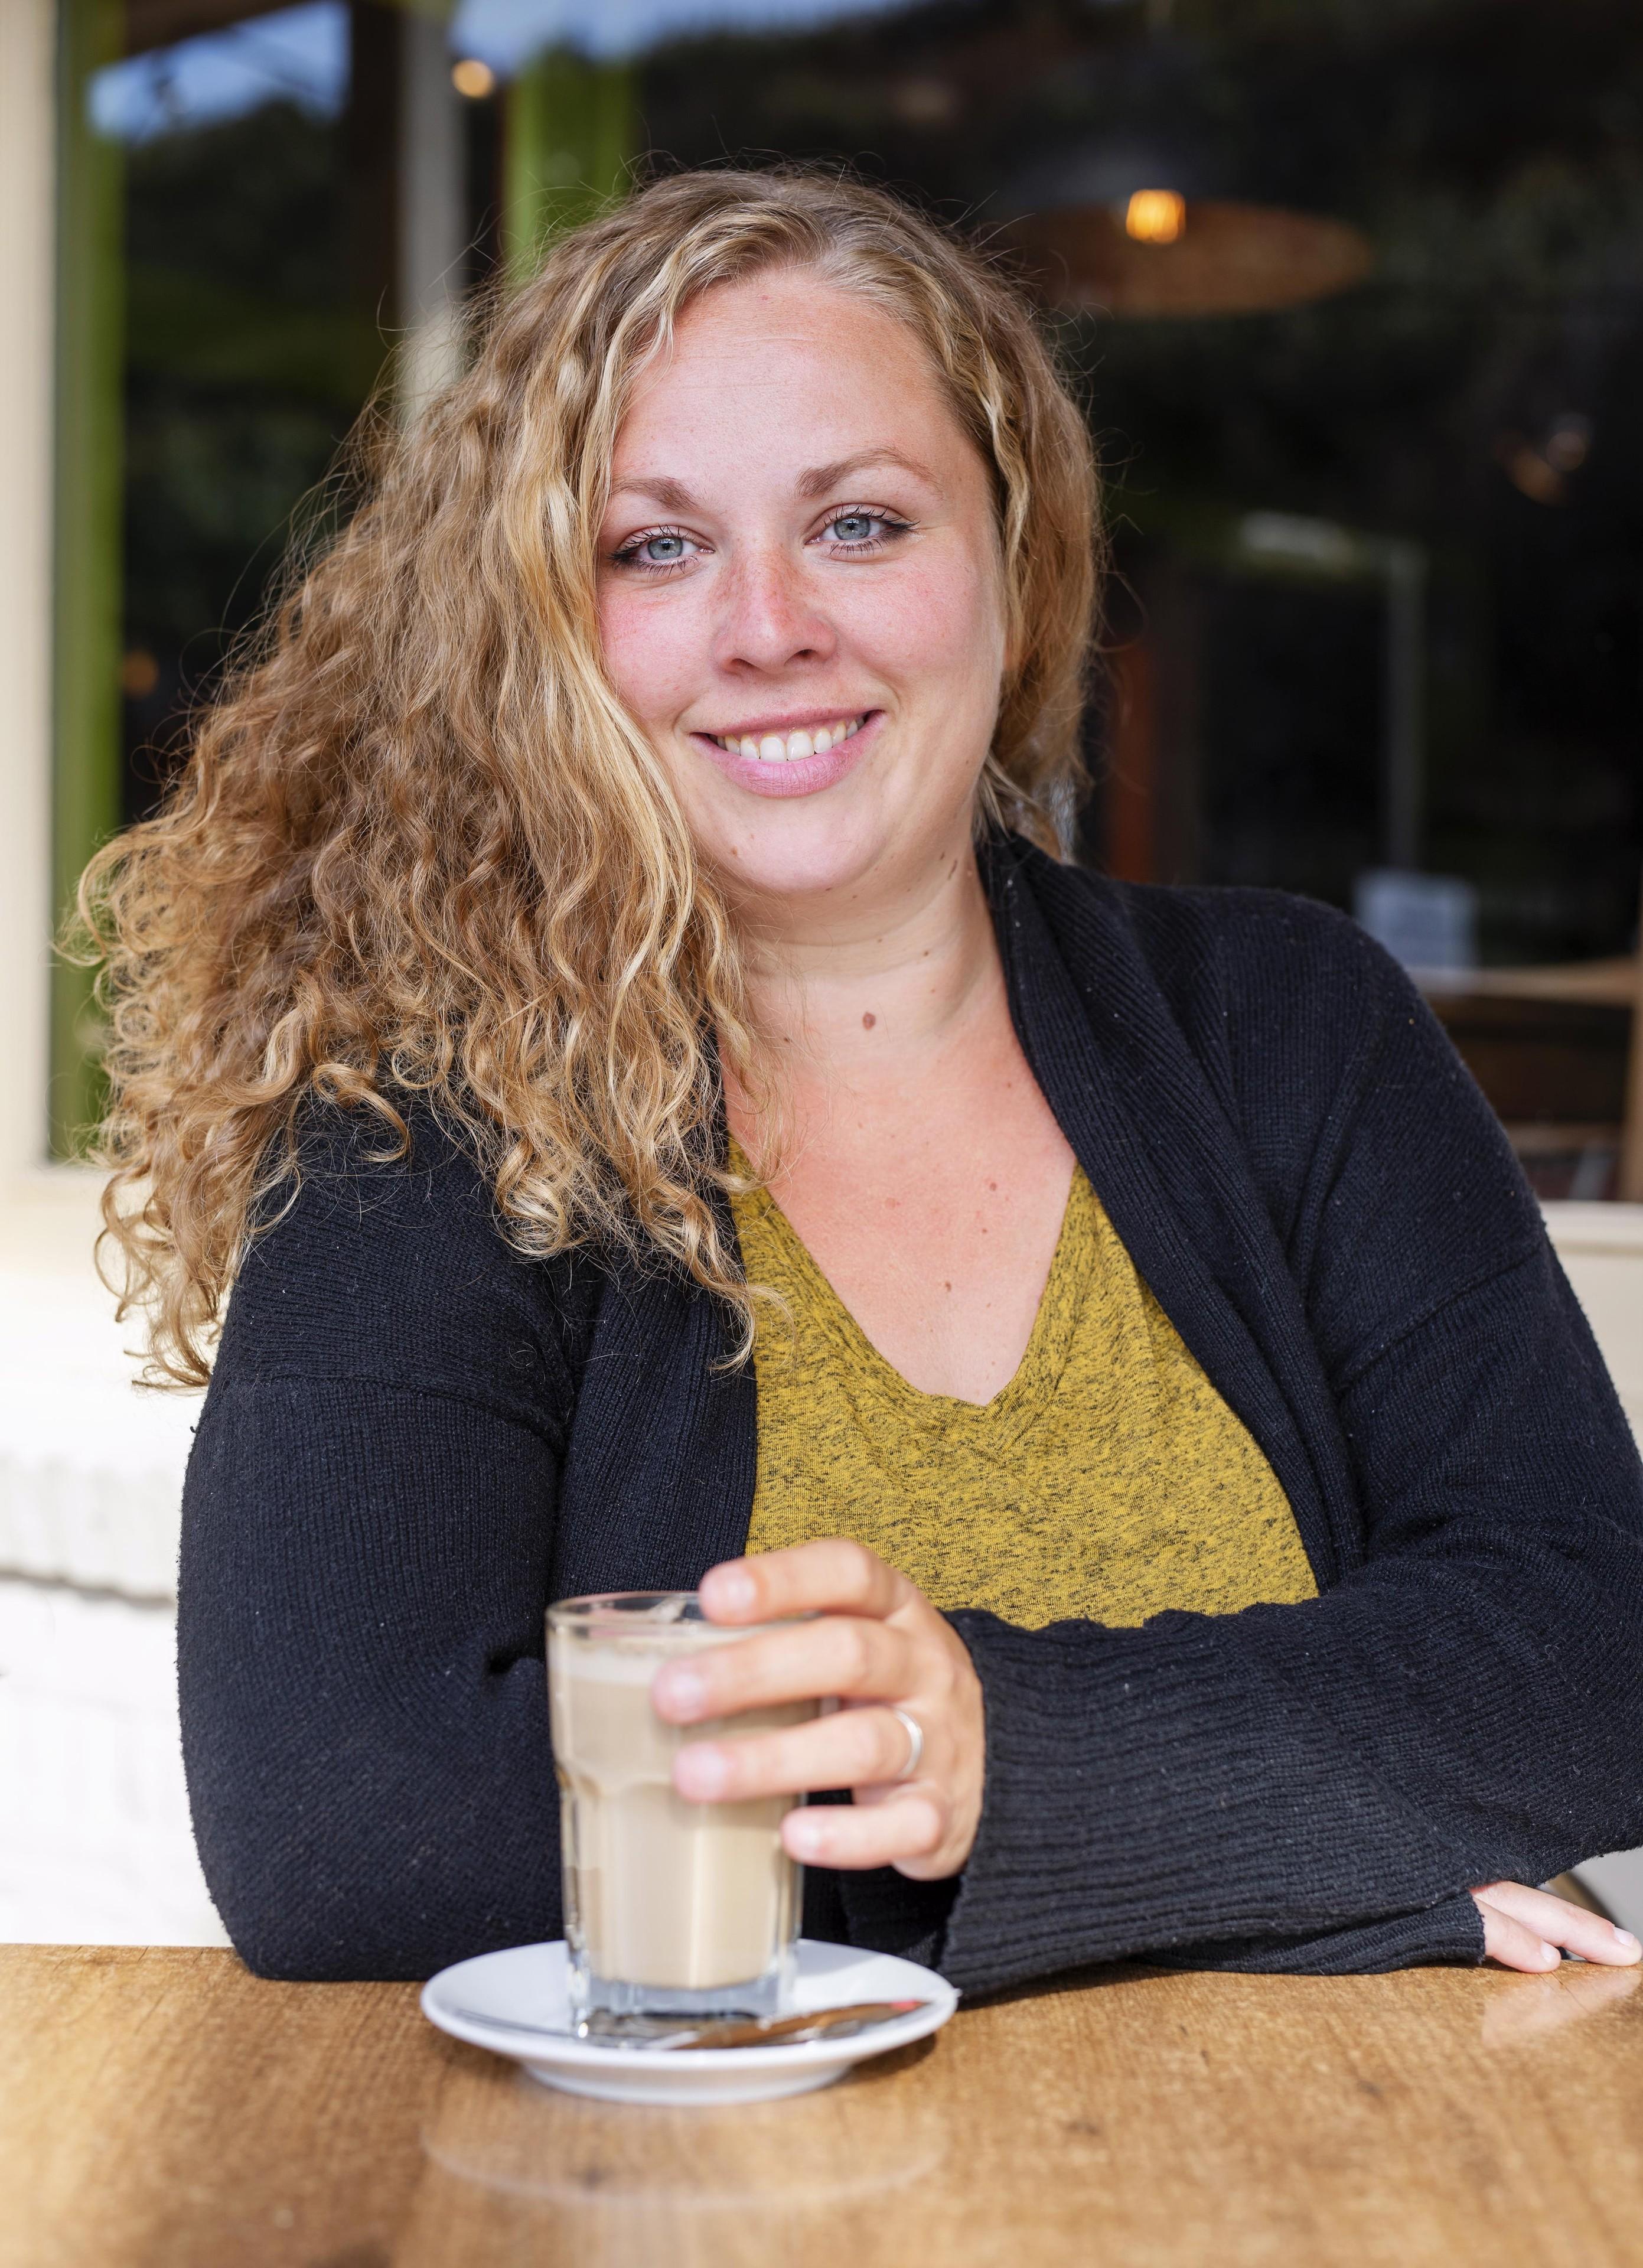 Stella van Lieshout uit Oudkarspel is een theaterbèta die geen aannames doet: 'Als een personage uit zijn comf - Noordhollands Dagblad